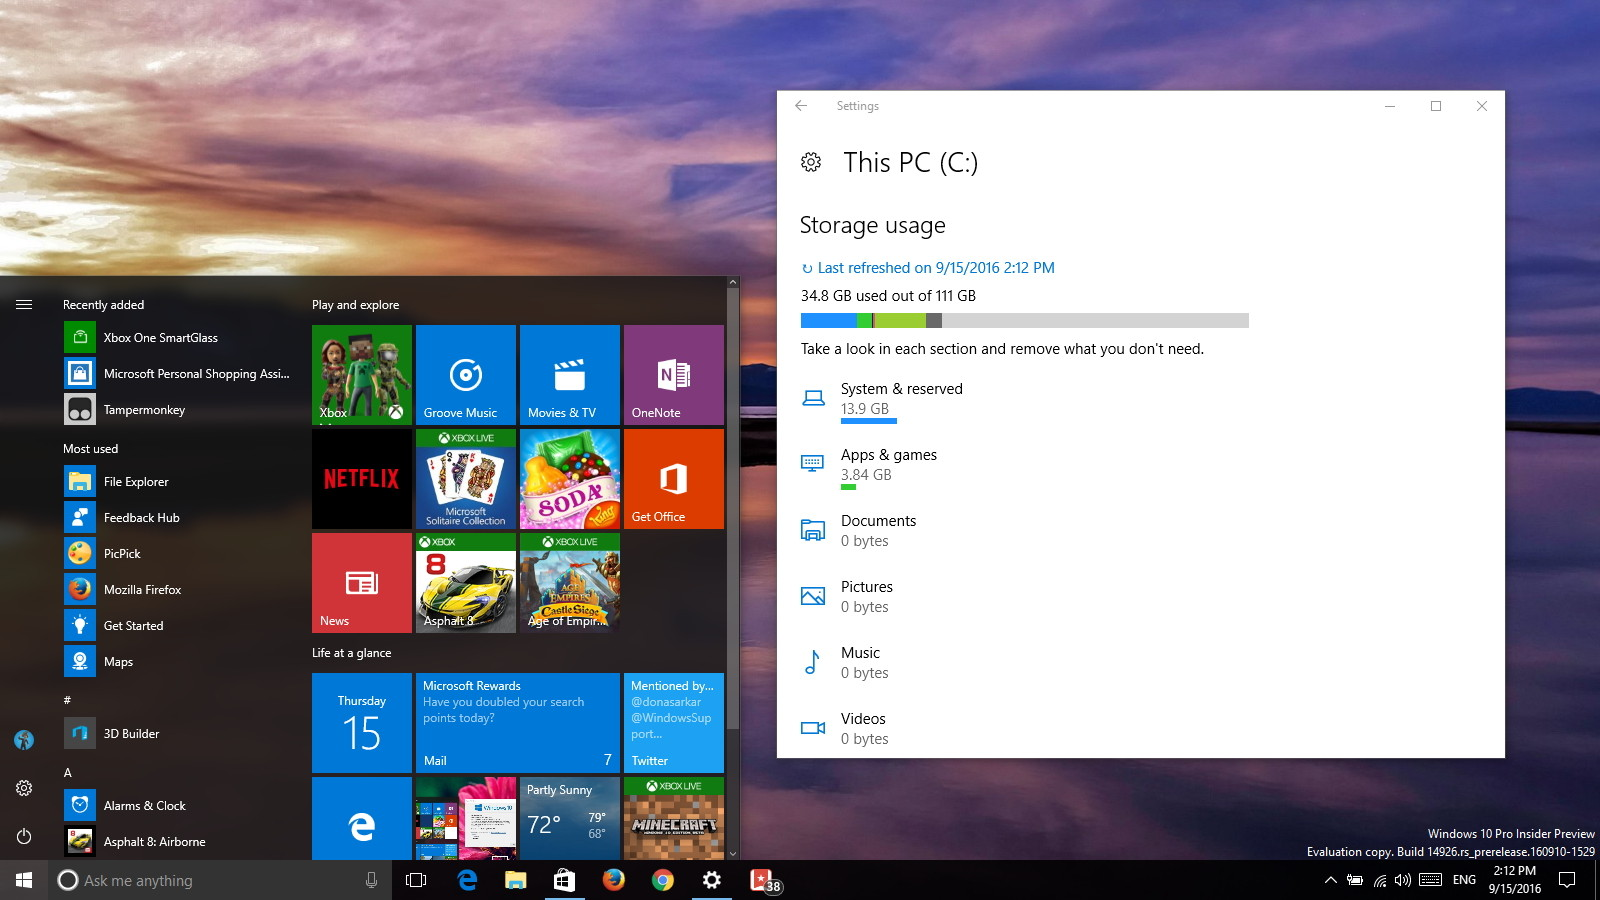 Windows 10 build 14926 video tour